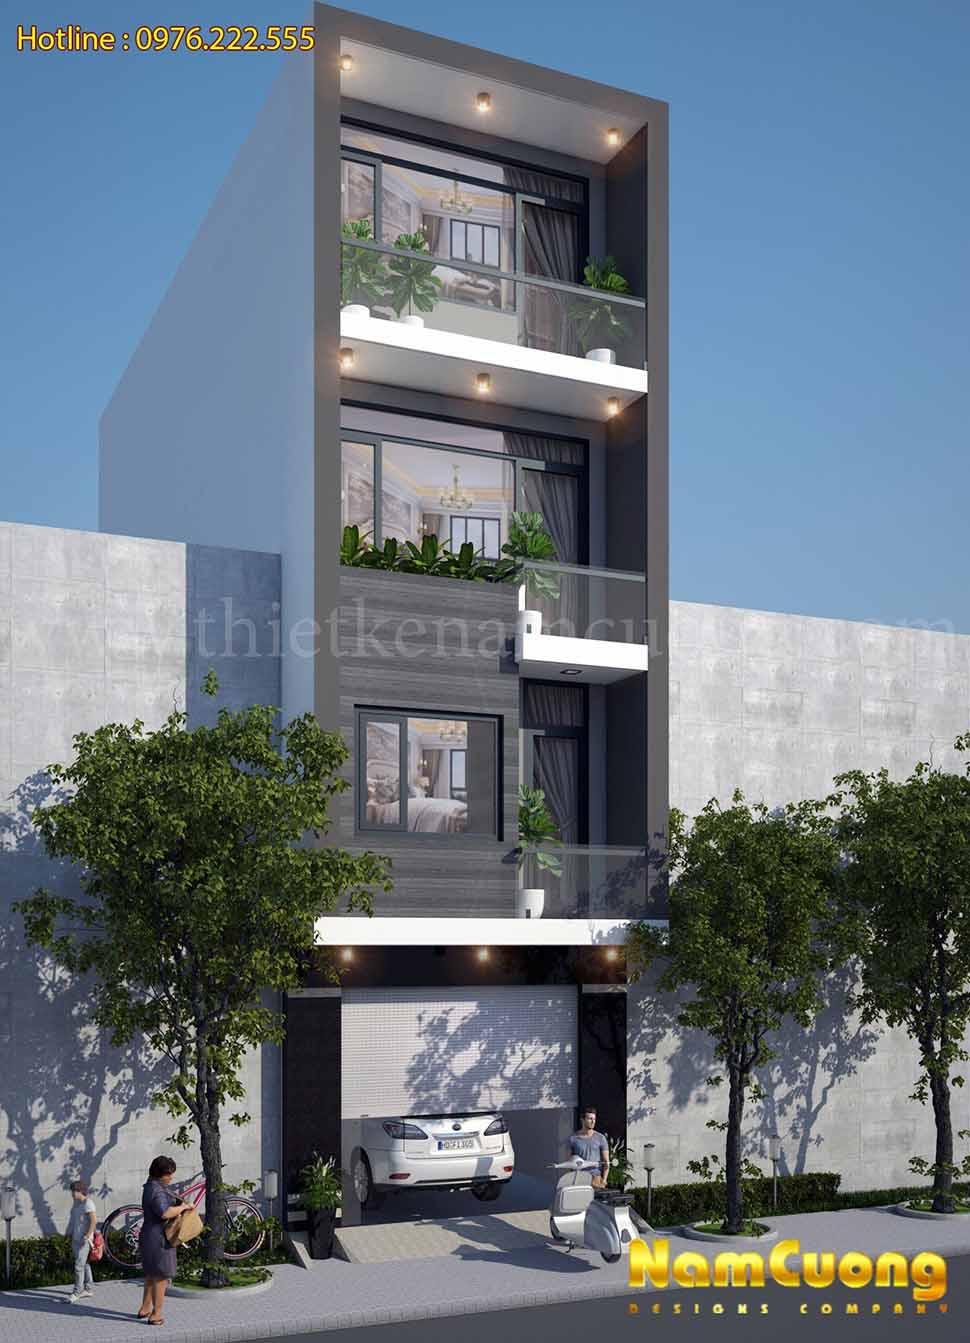 mẫu nhfa phố 4 tầng mặt tiền 4m